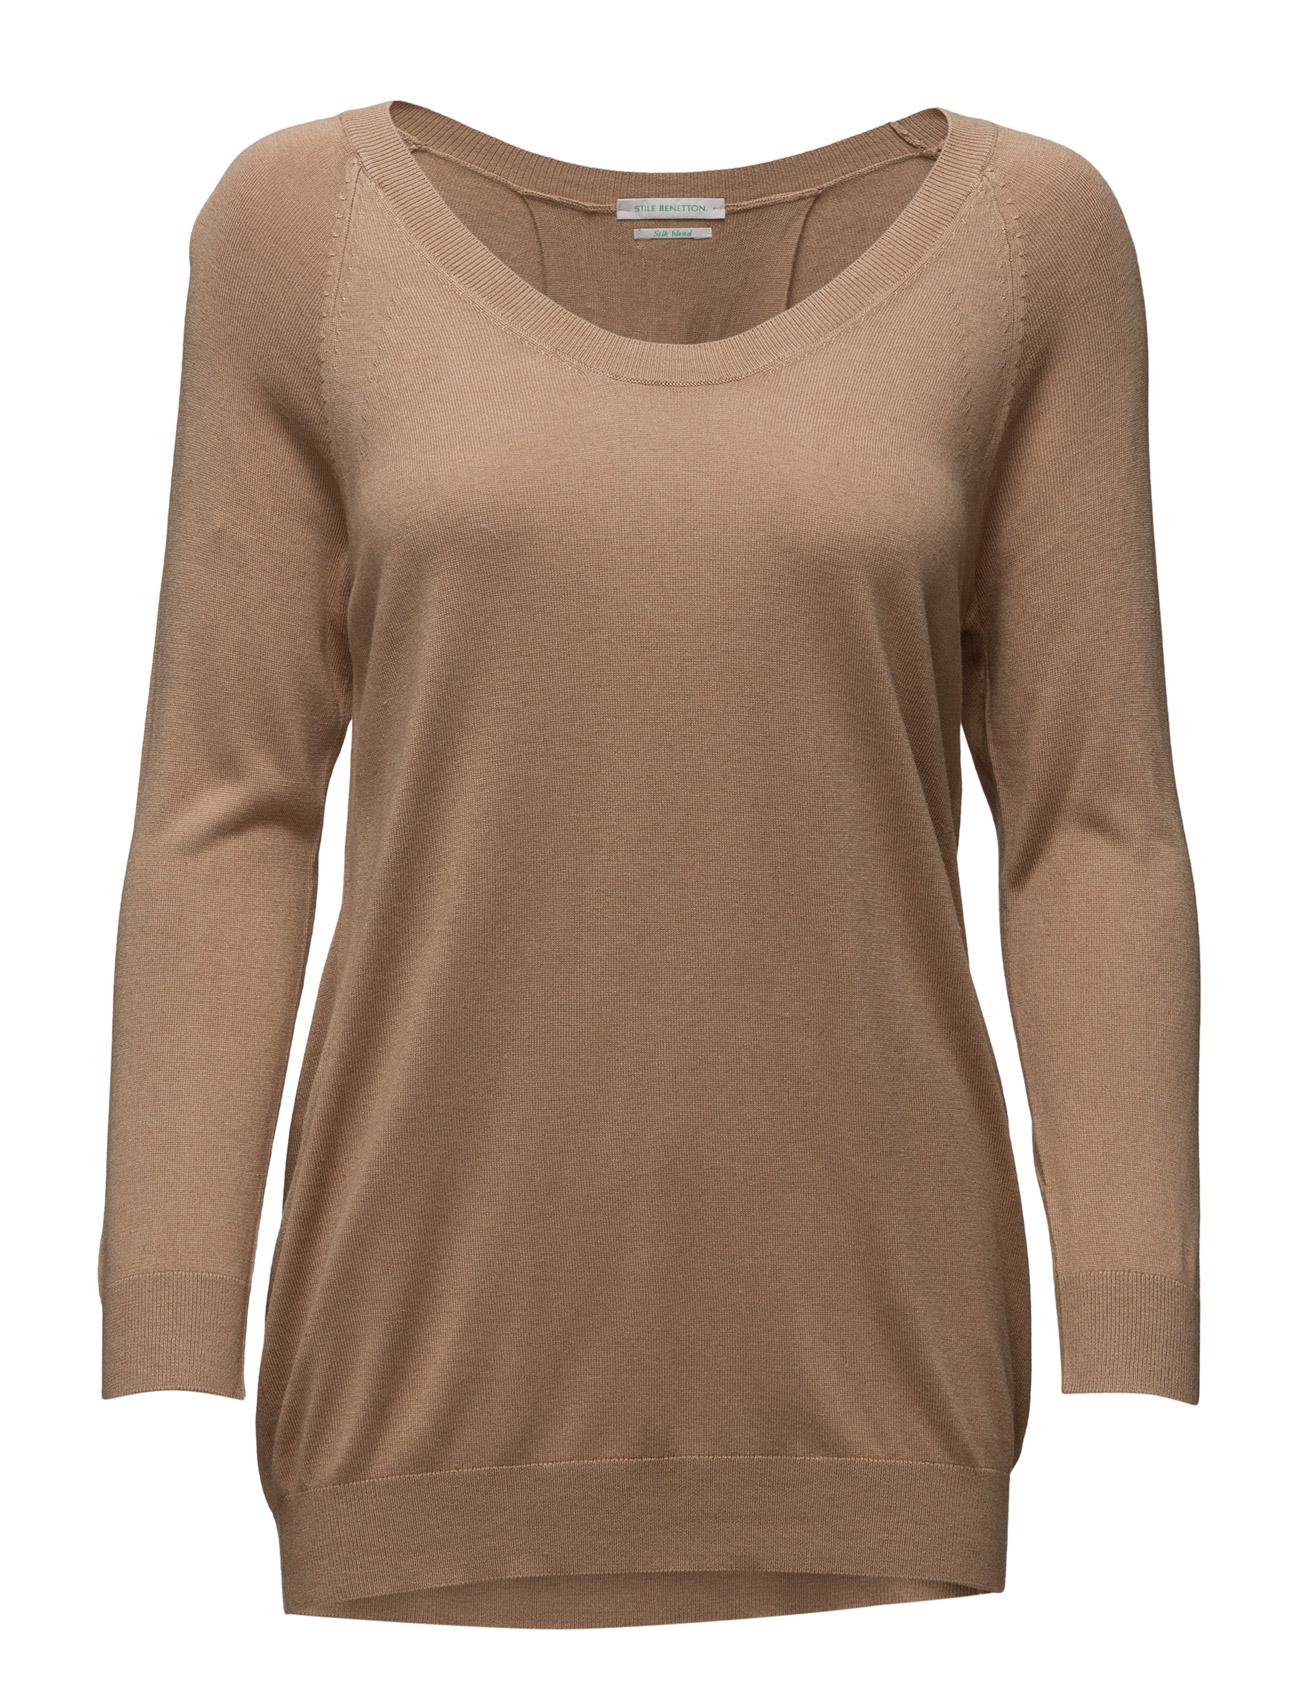 V Neck Sweater L/S United Colors of Benetton Sweatshirts til Kvinder i Sort